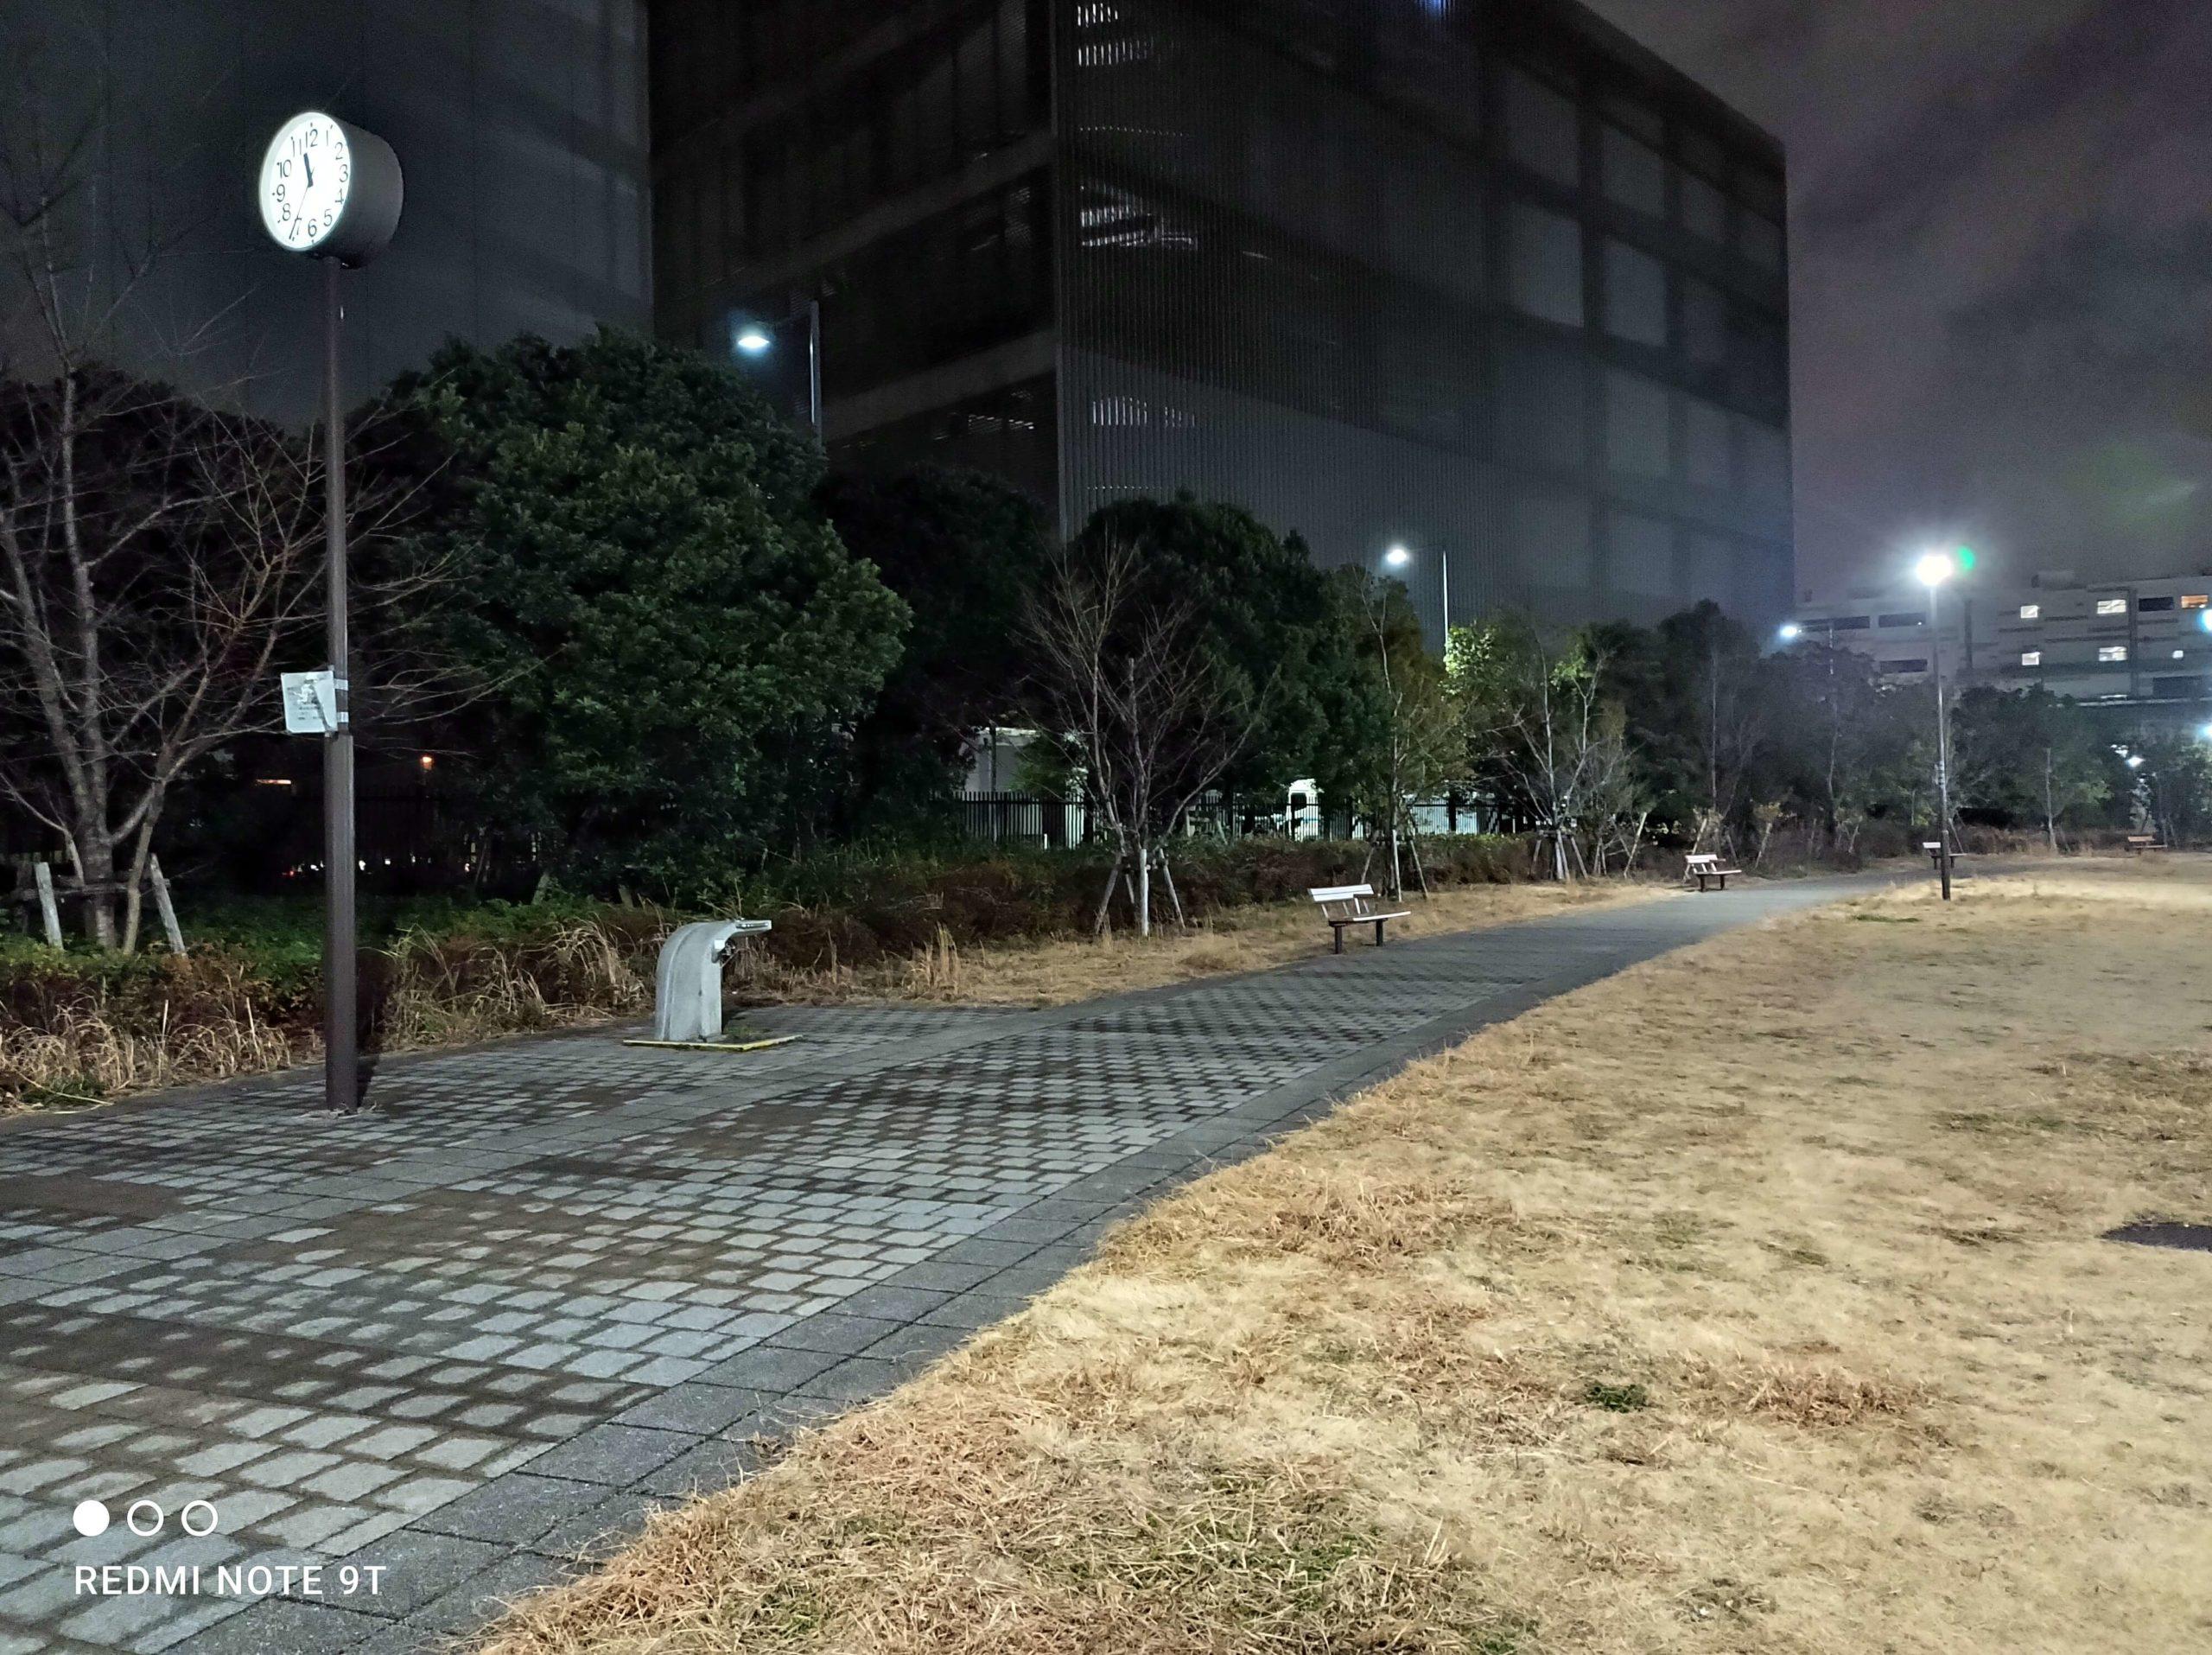 Redmi Note 9Tのカメラ性能